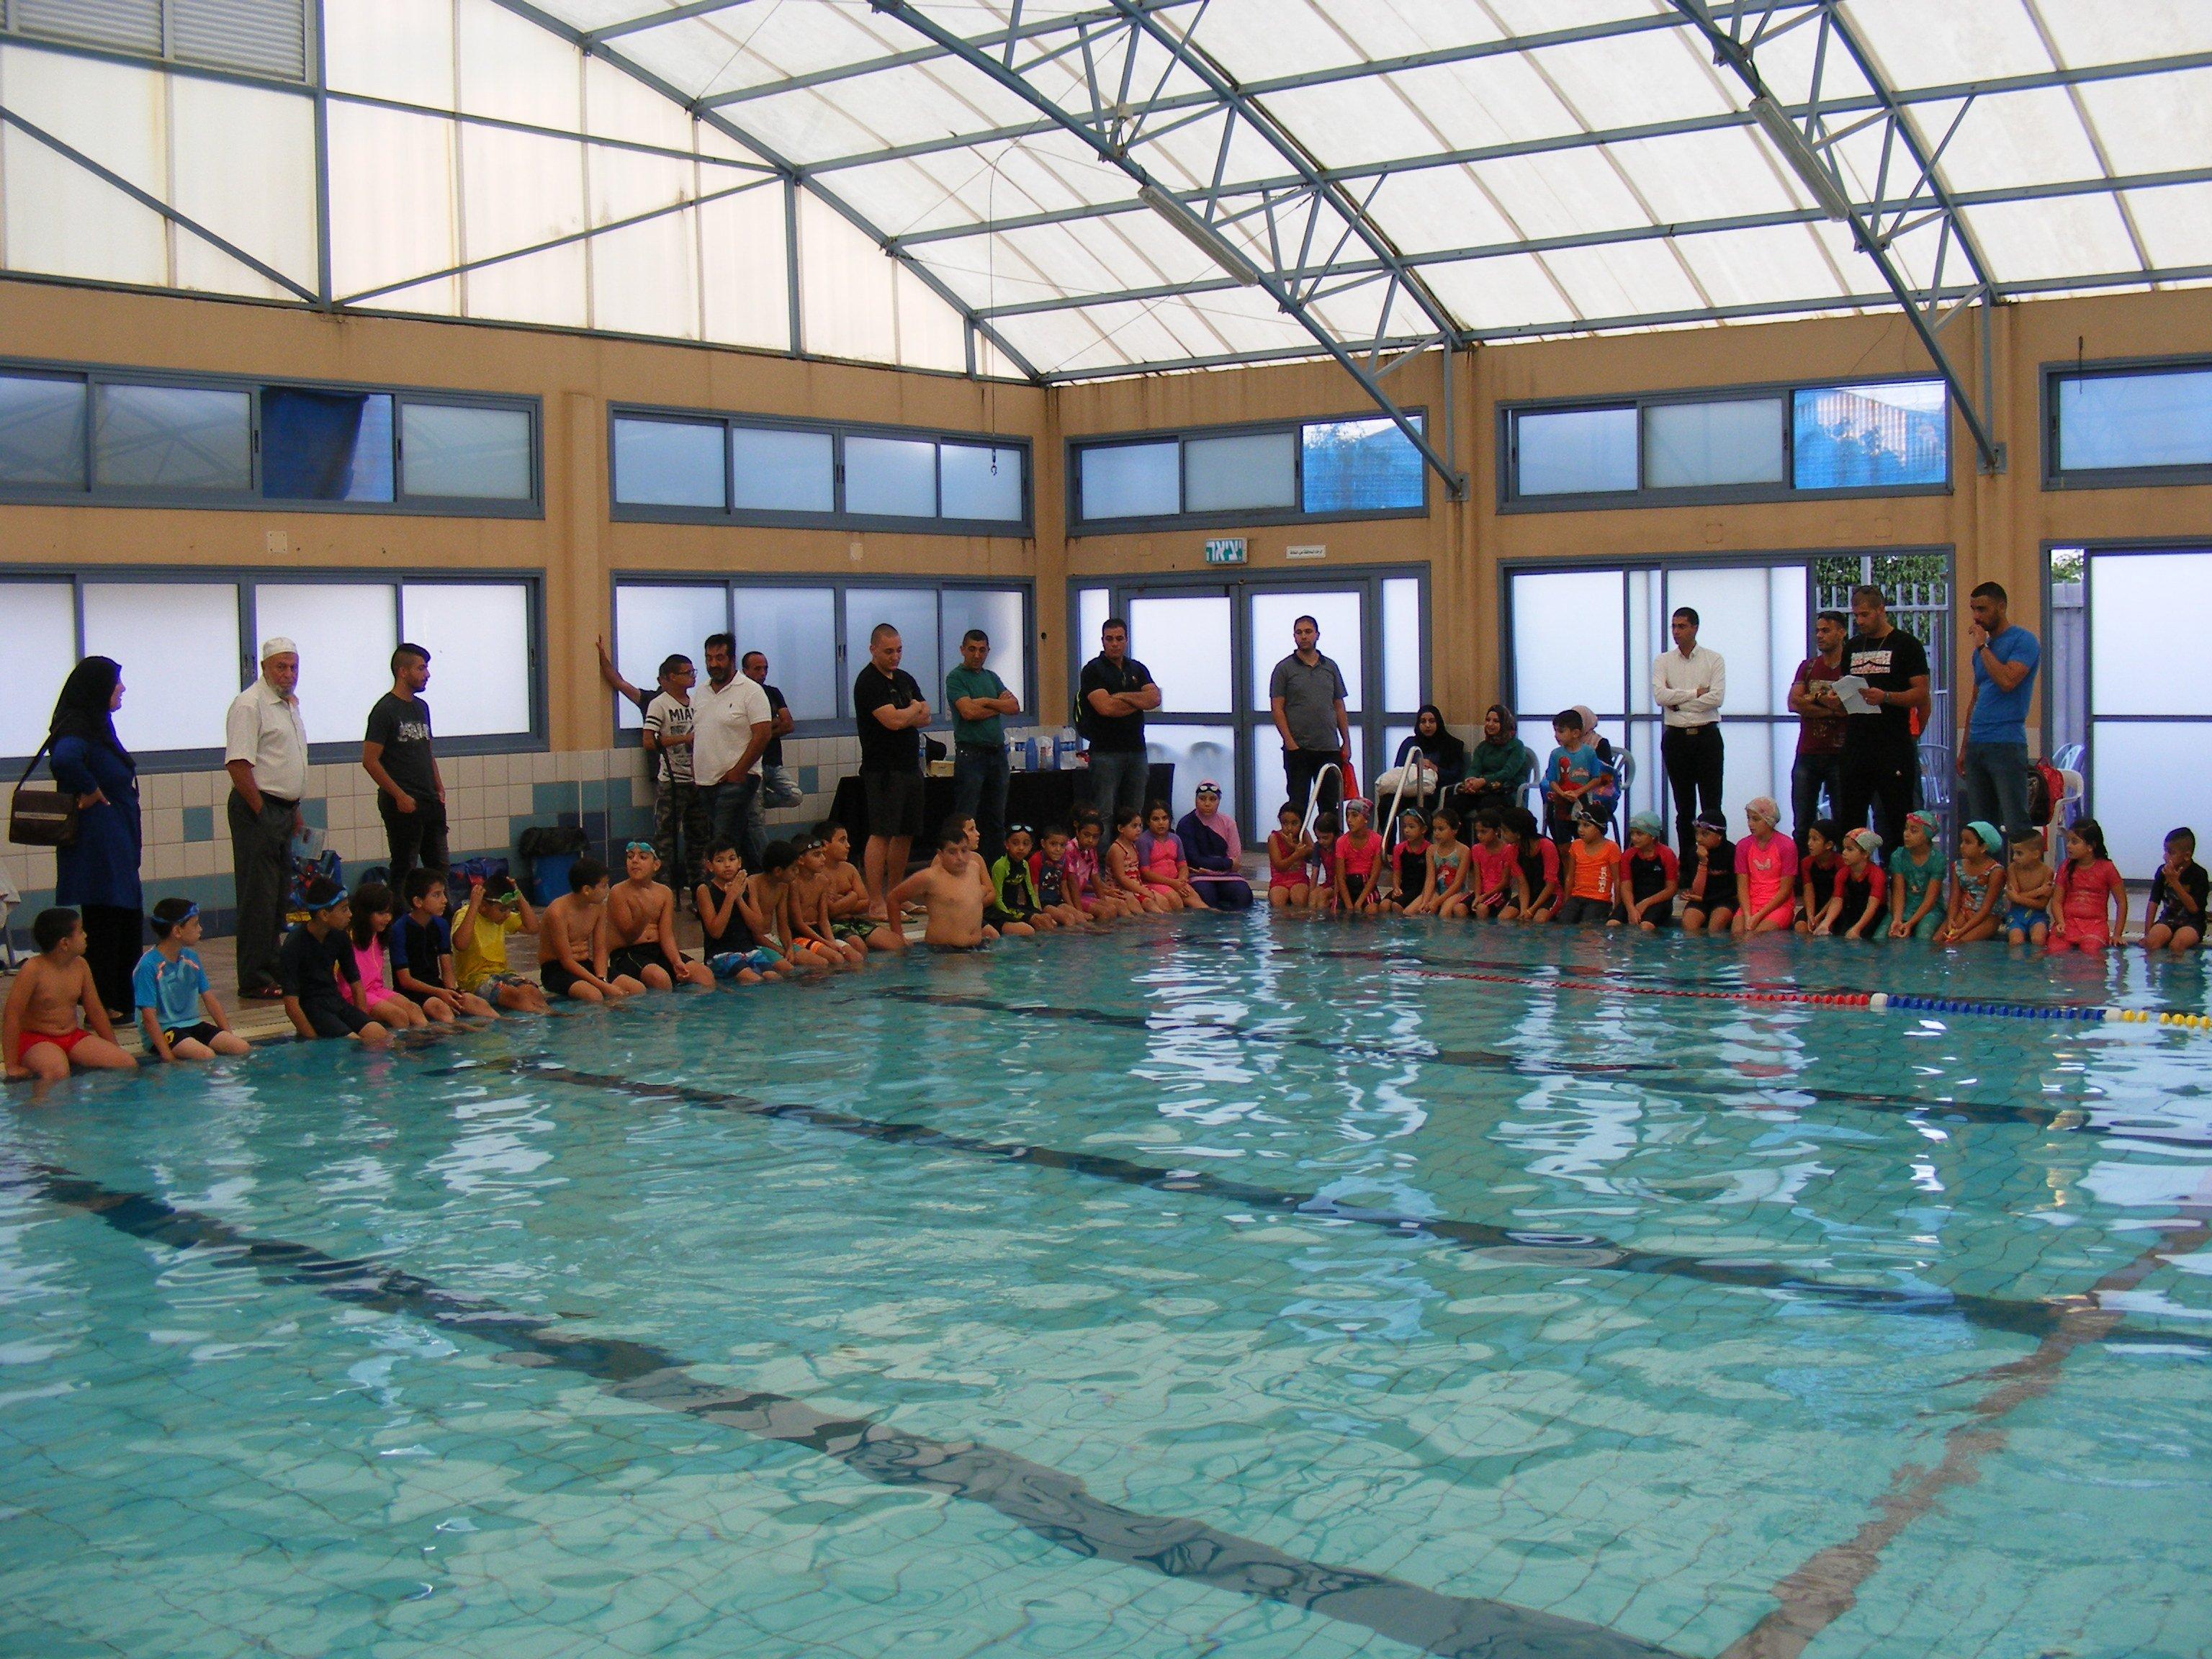 مشاركة واسعة بدوري السباحة في منتجع الواحة